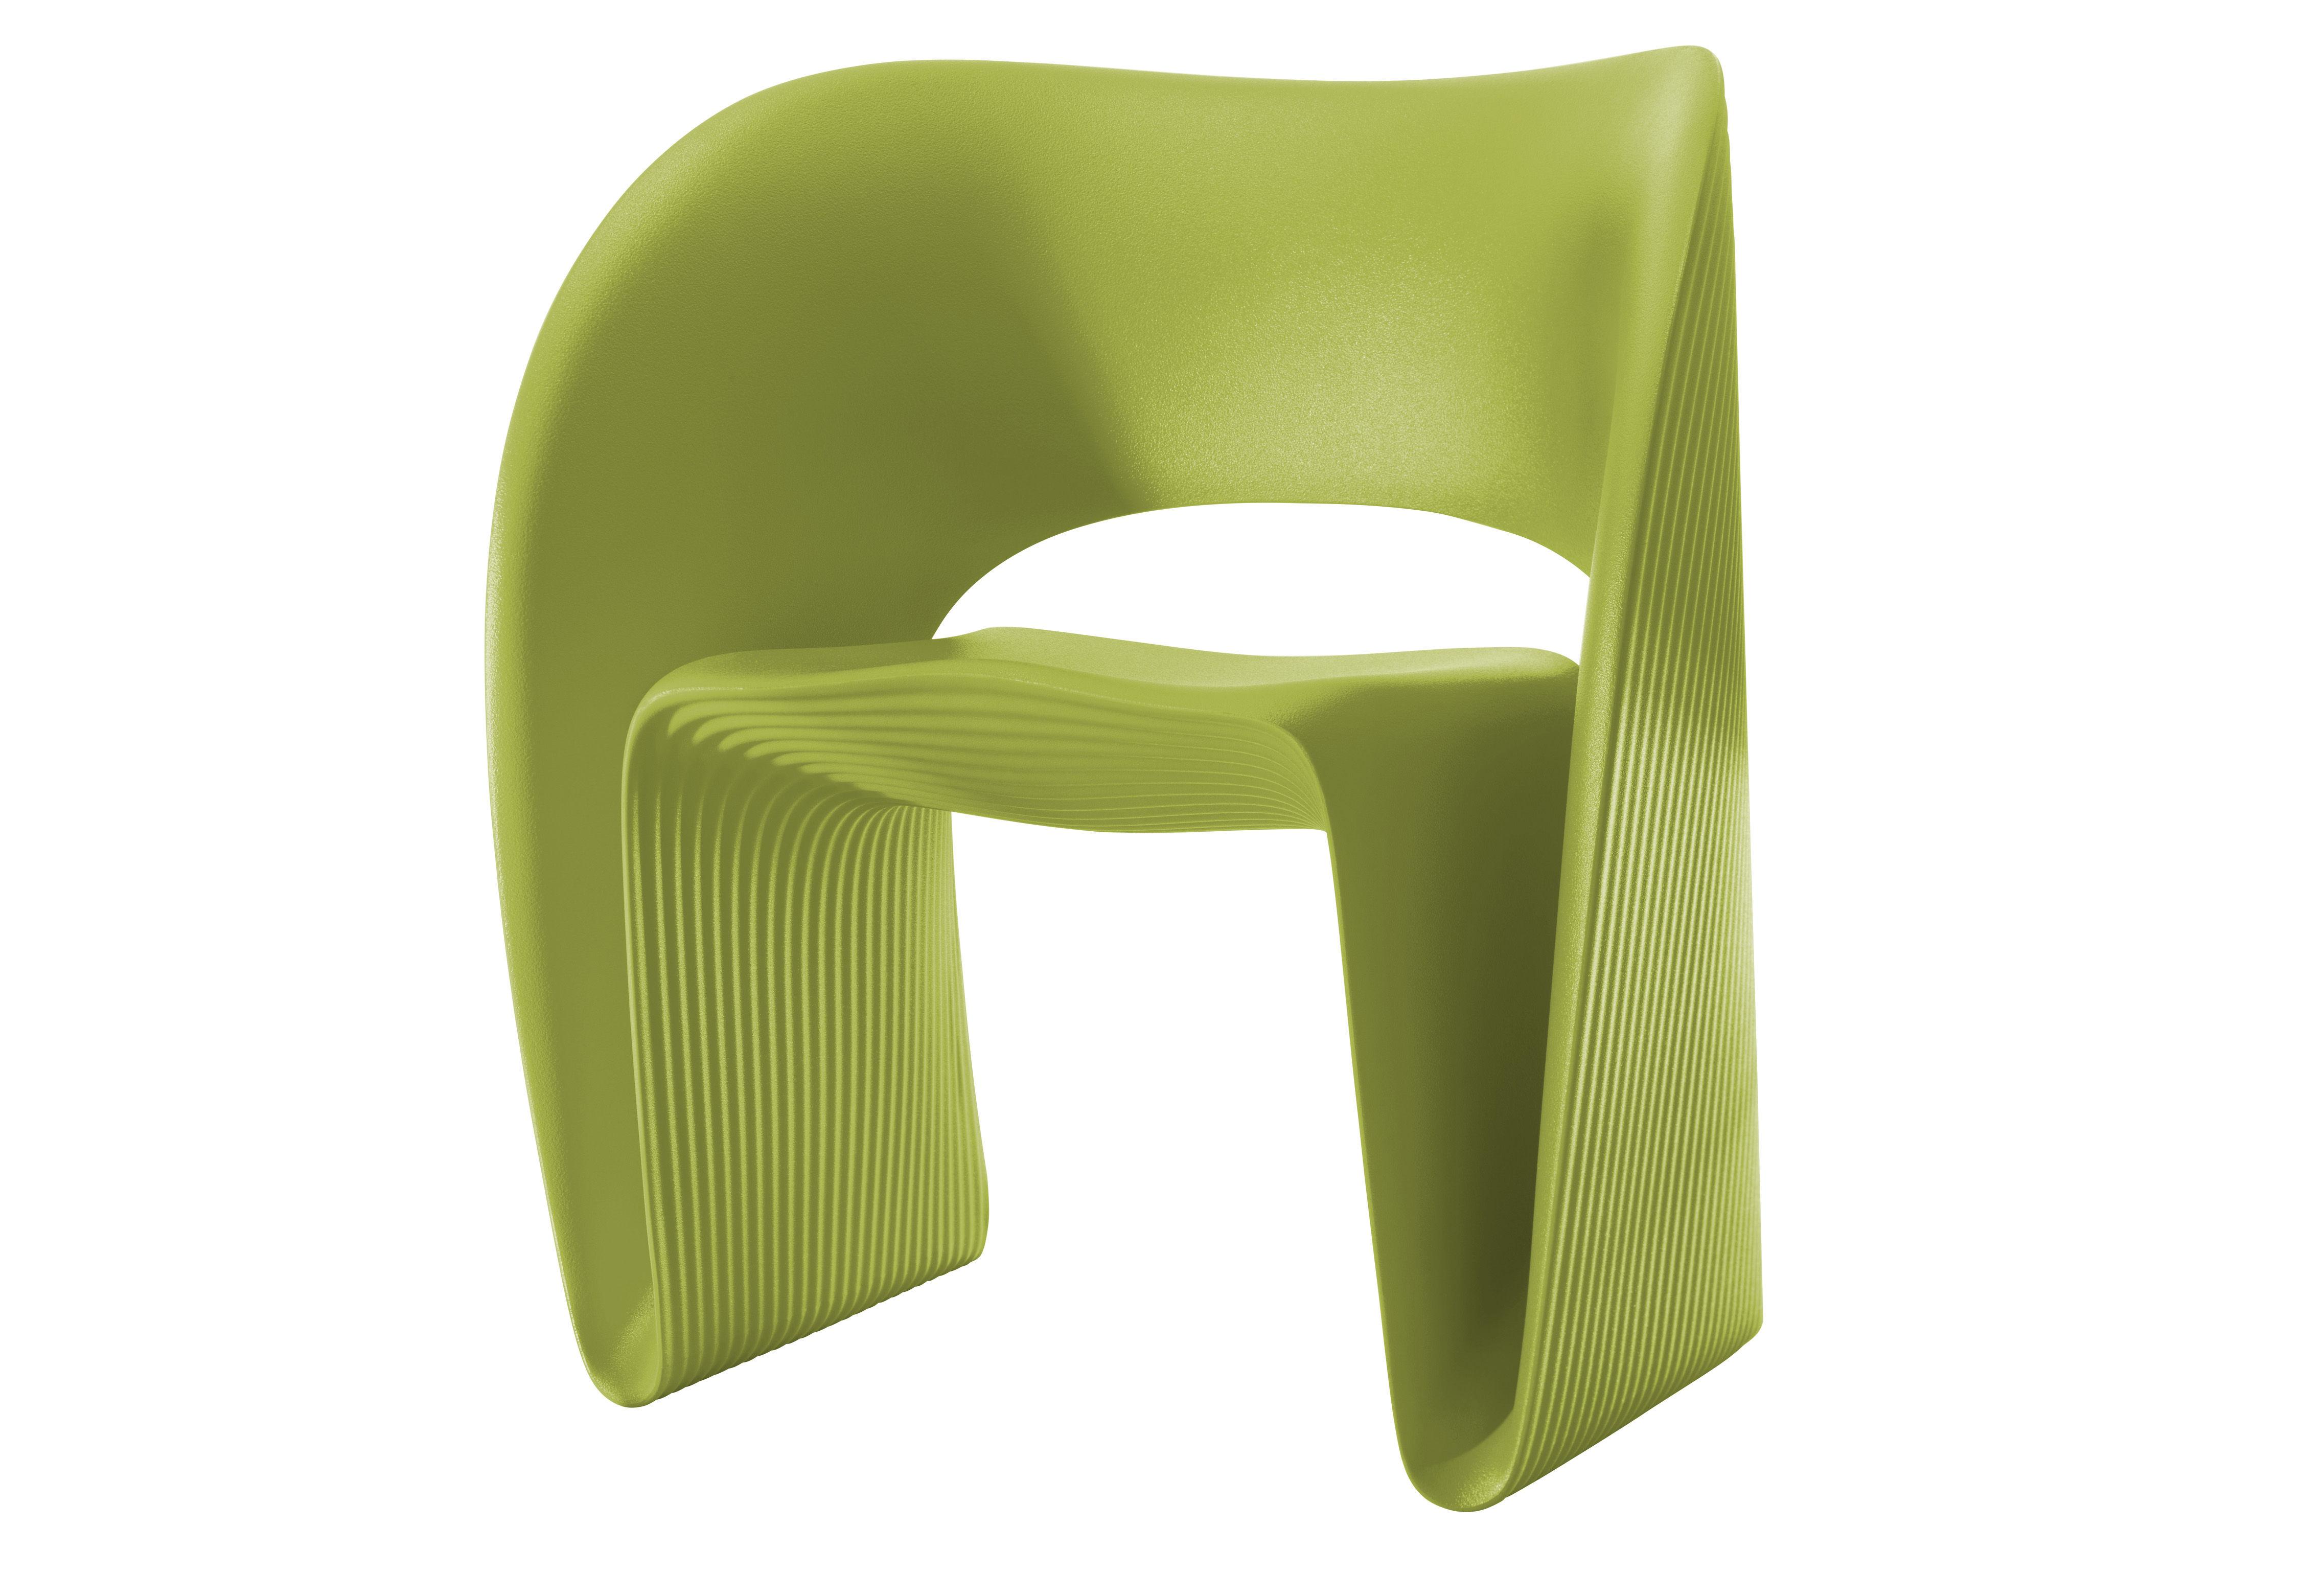 fauteuil raviolo plastique vert pistache magis. Black Bedroom Furniture Sets. Home Design Ideas